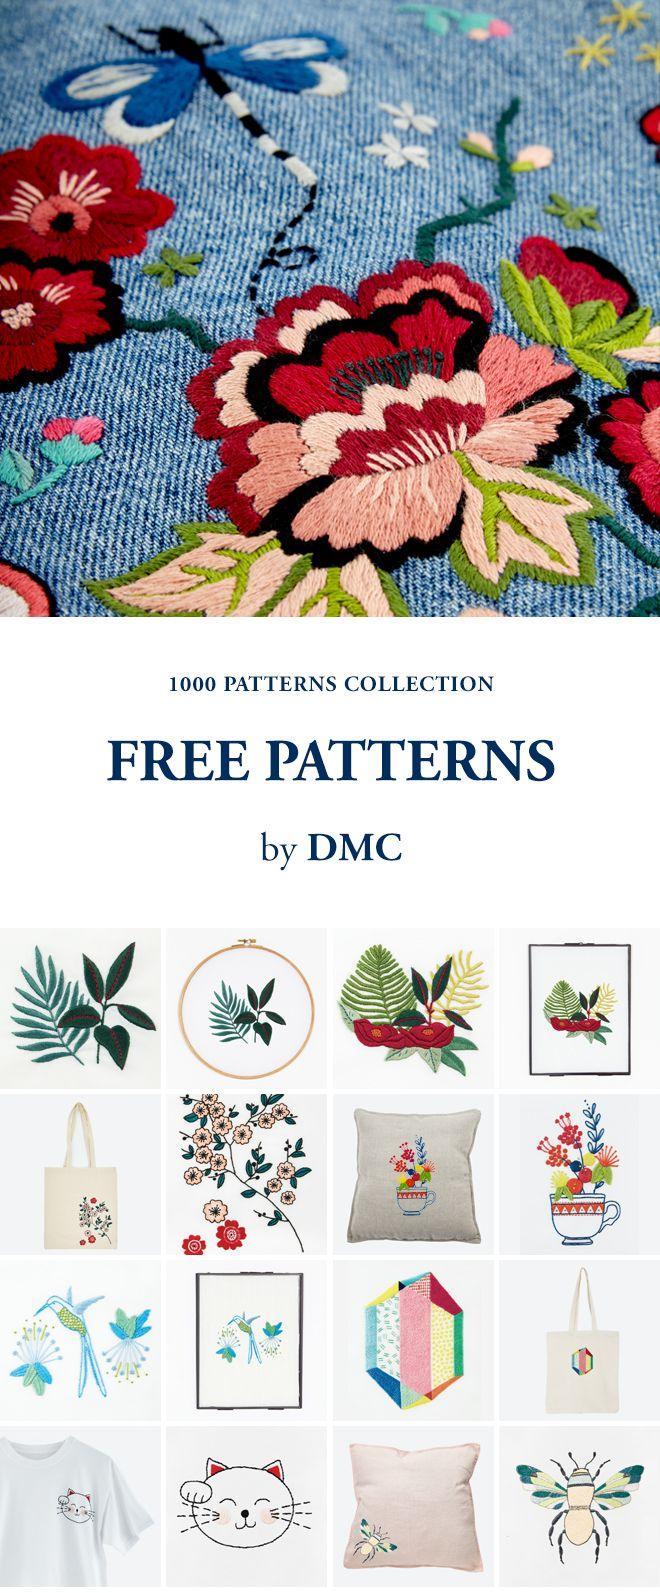 FREE EMBROIDERY AND CROSS STITCH PATTERNS by DMC. | Cross Stichin ...